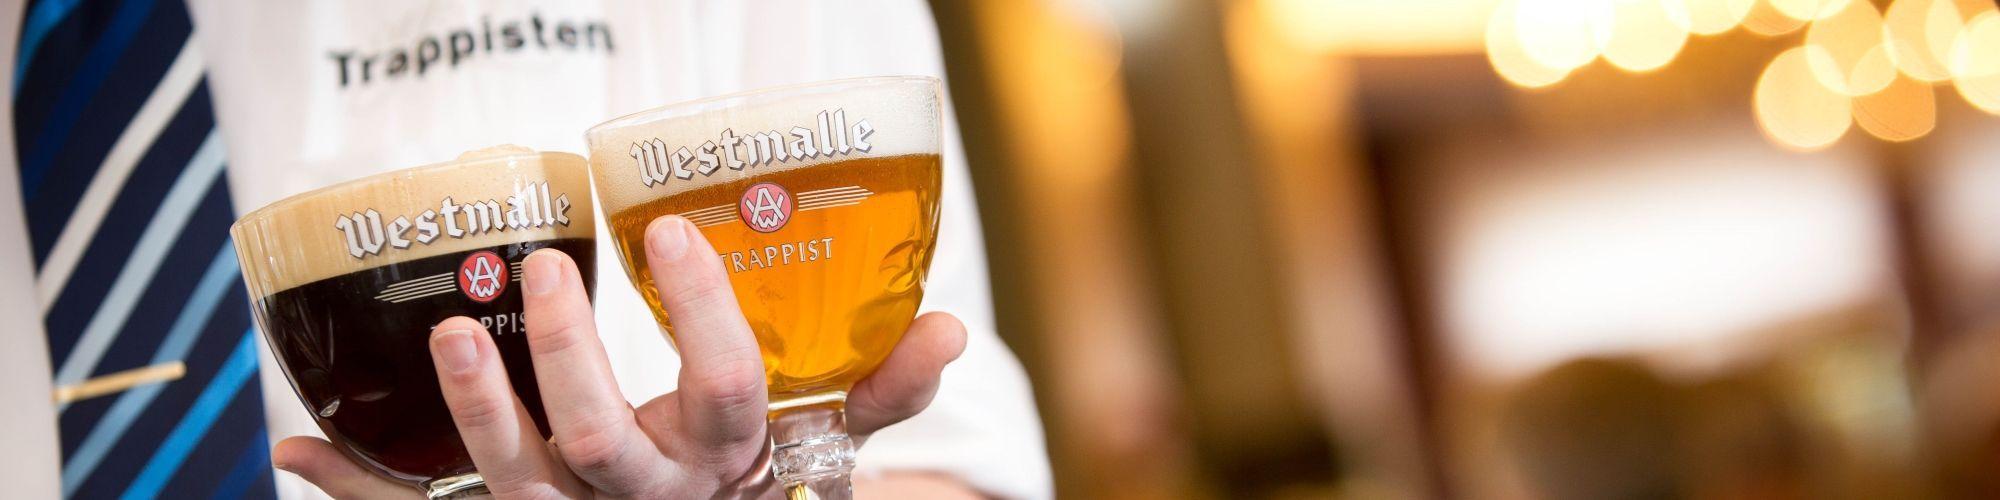 Camarero con un vaso de Westmalle Dubbel y Tripel.